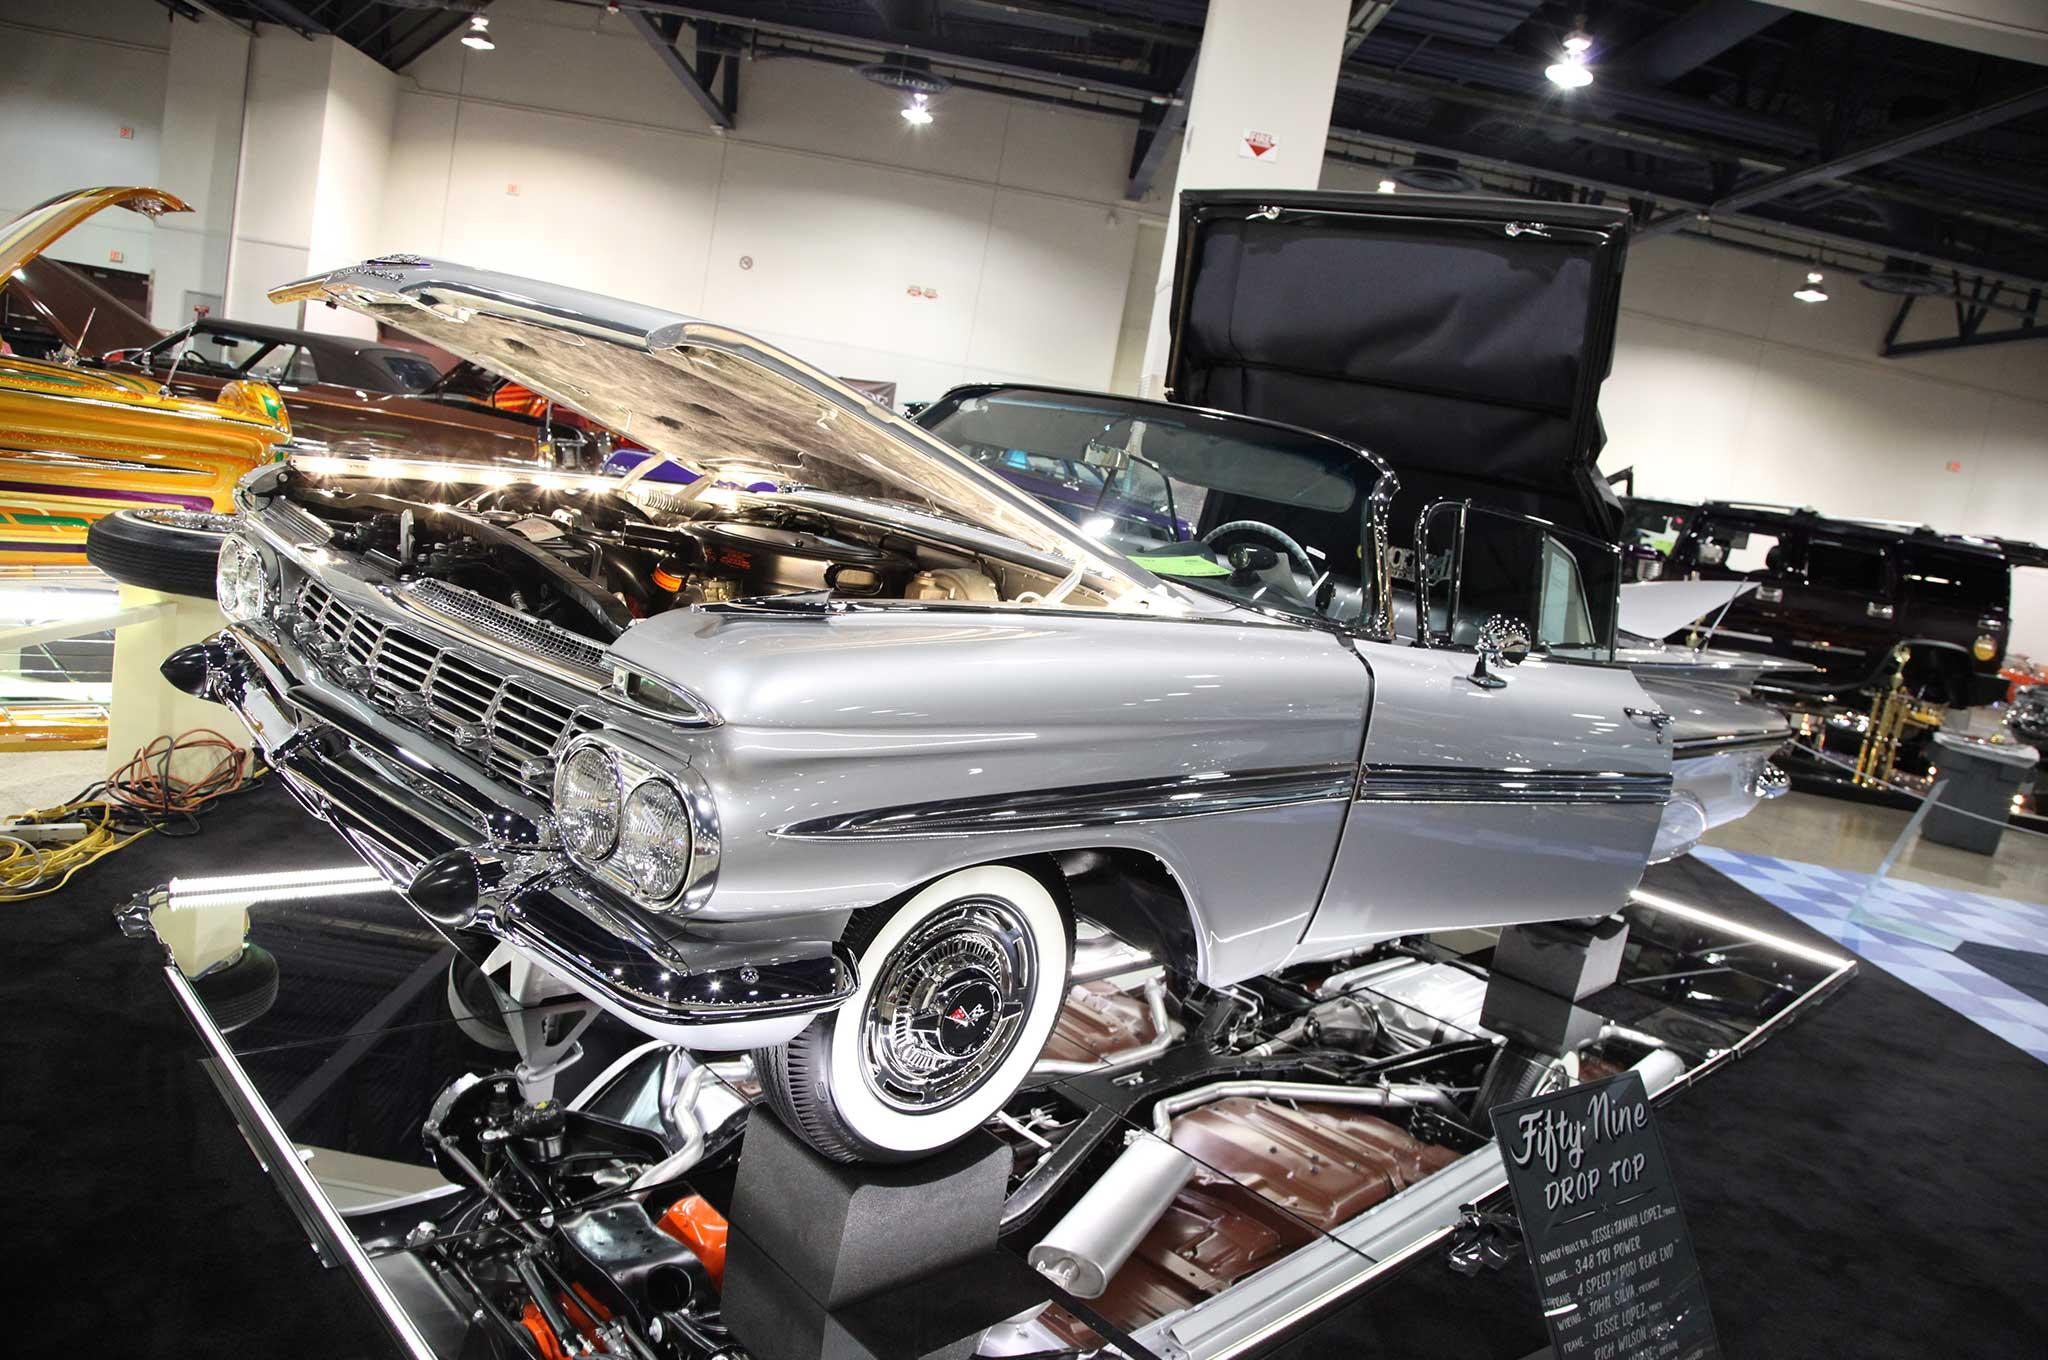 2015-las-vegas-super-show-winners-jesse-lopez-1959-chevy-impala